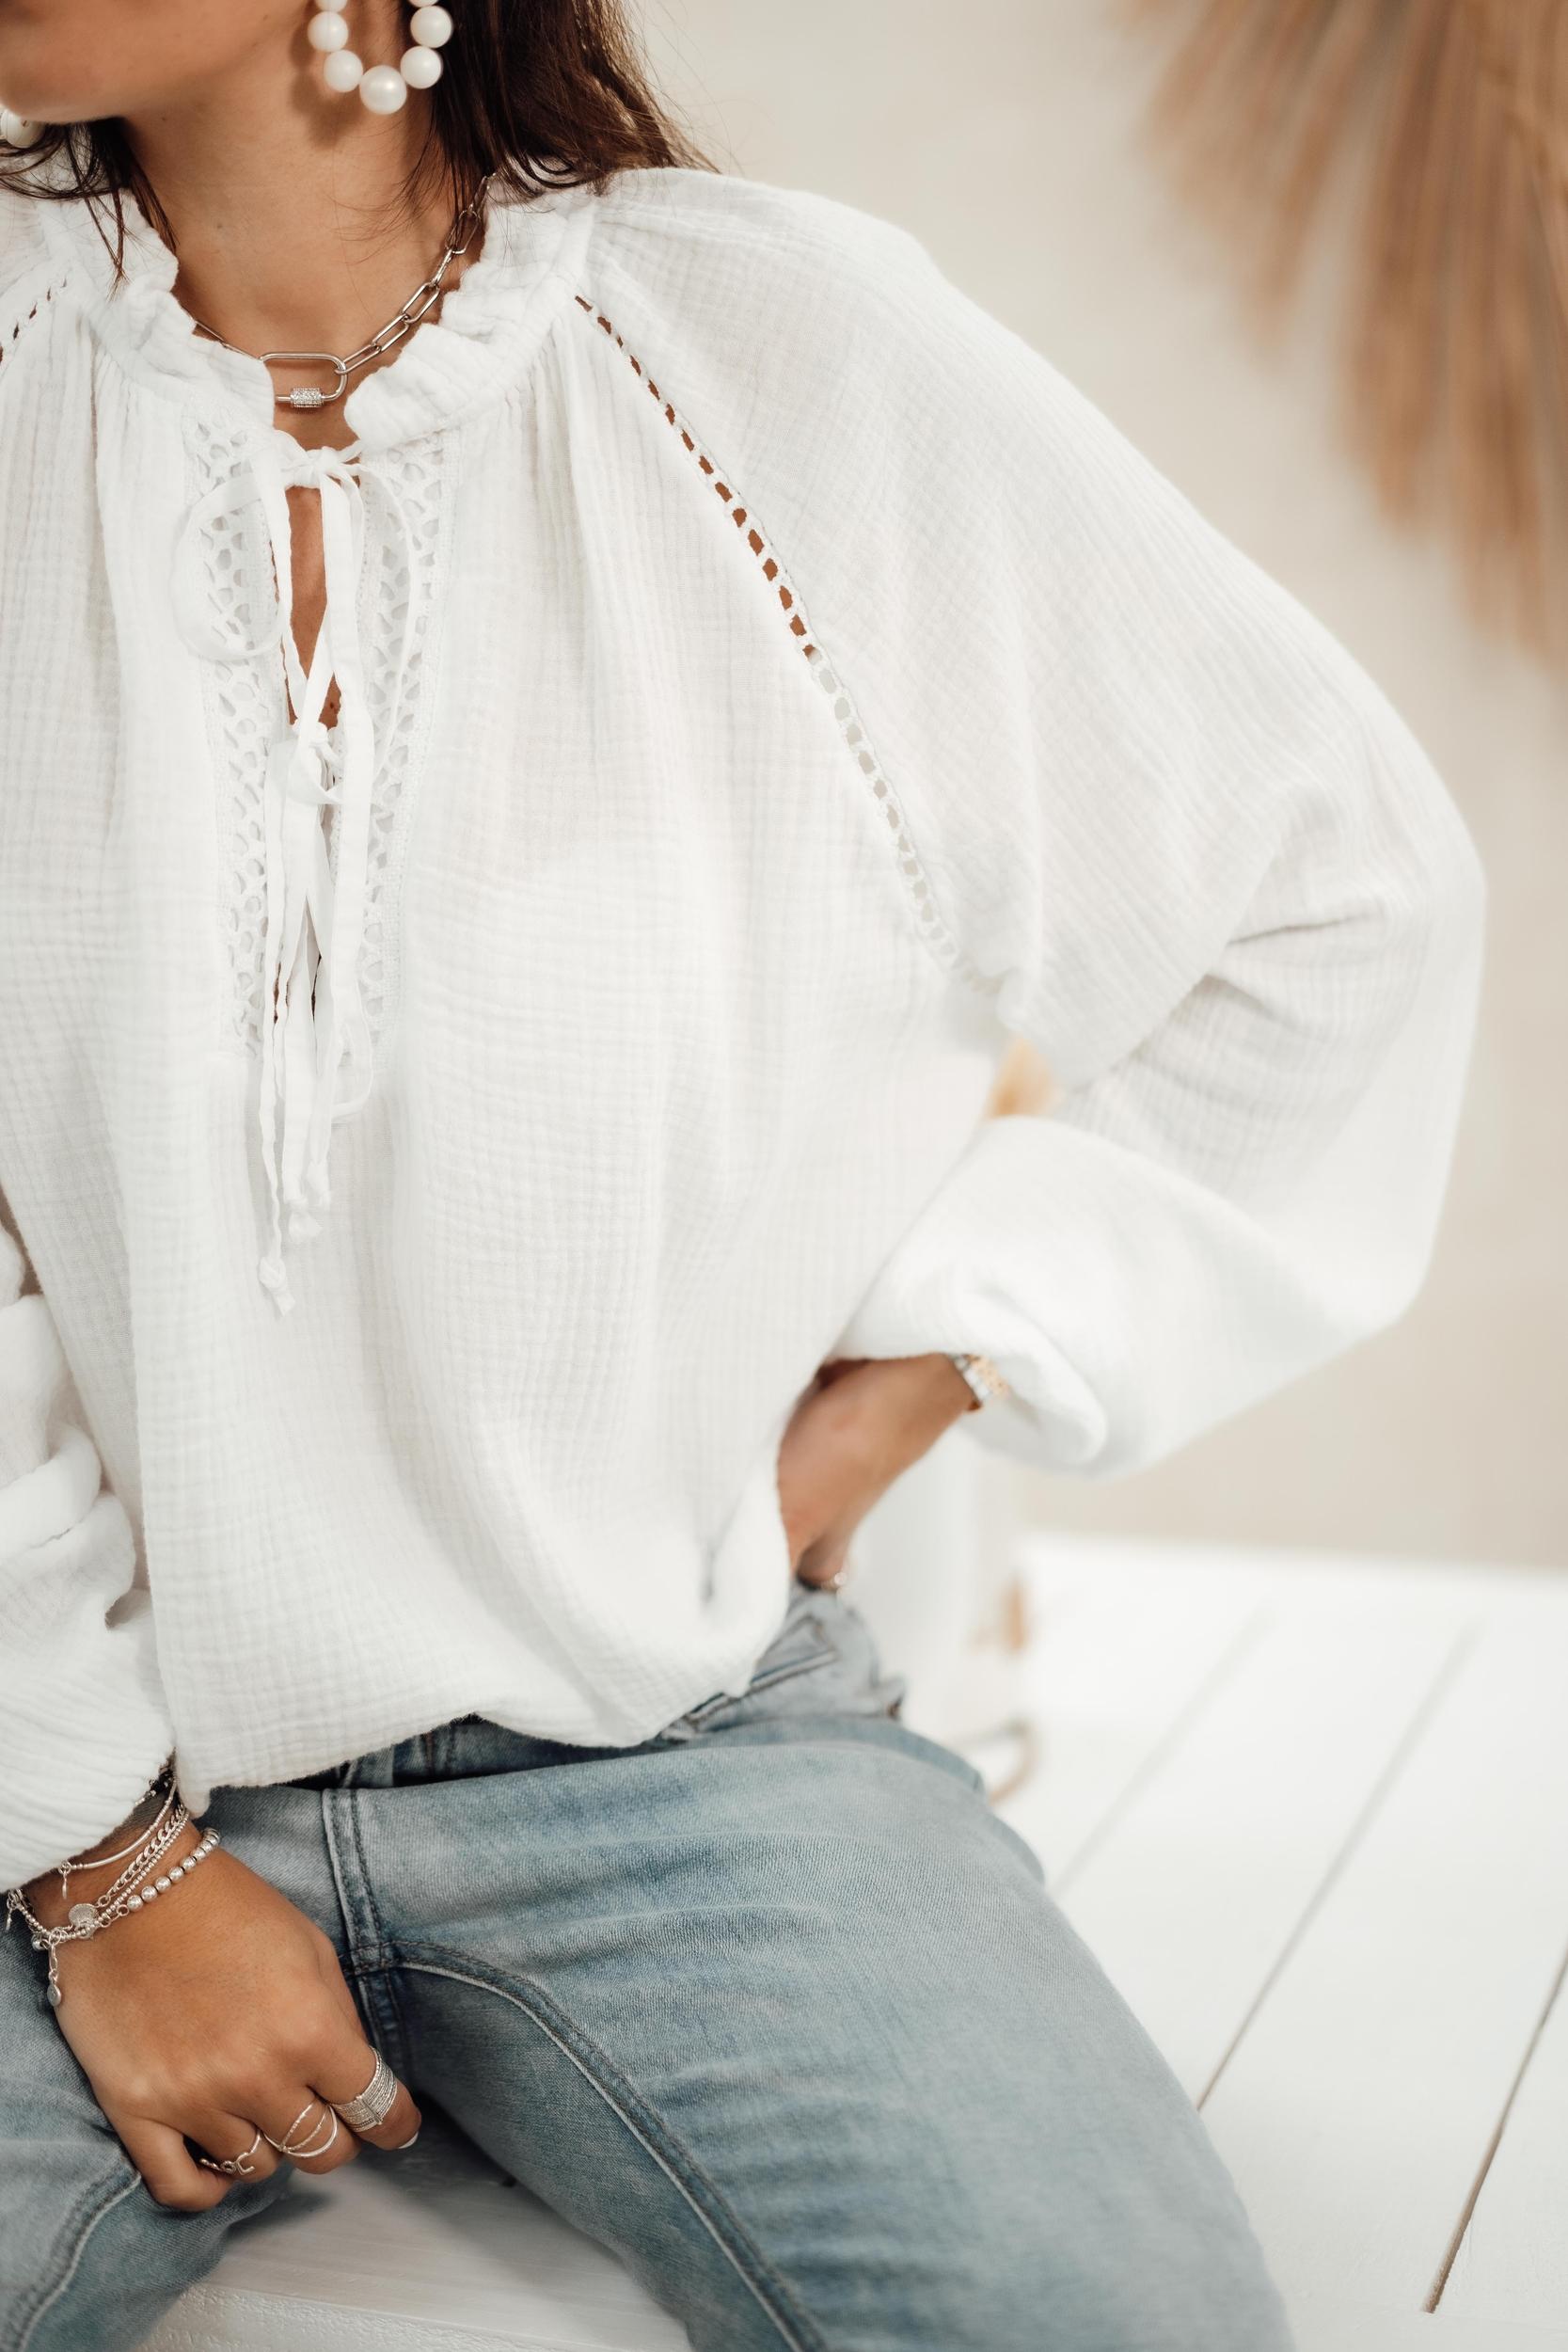 blouse_testa_blanc_banditasND-174